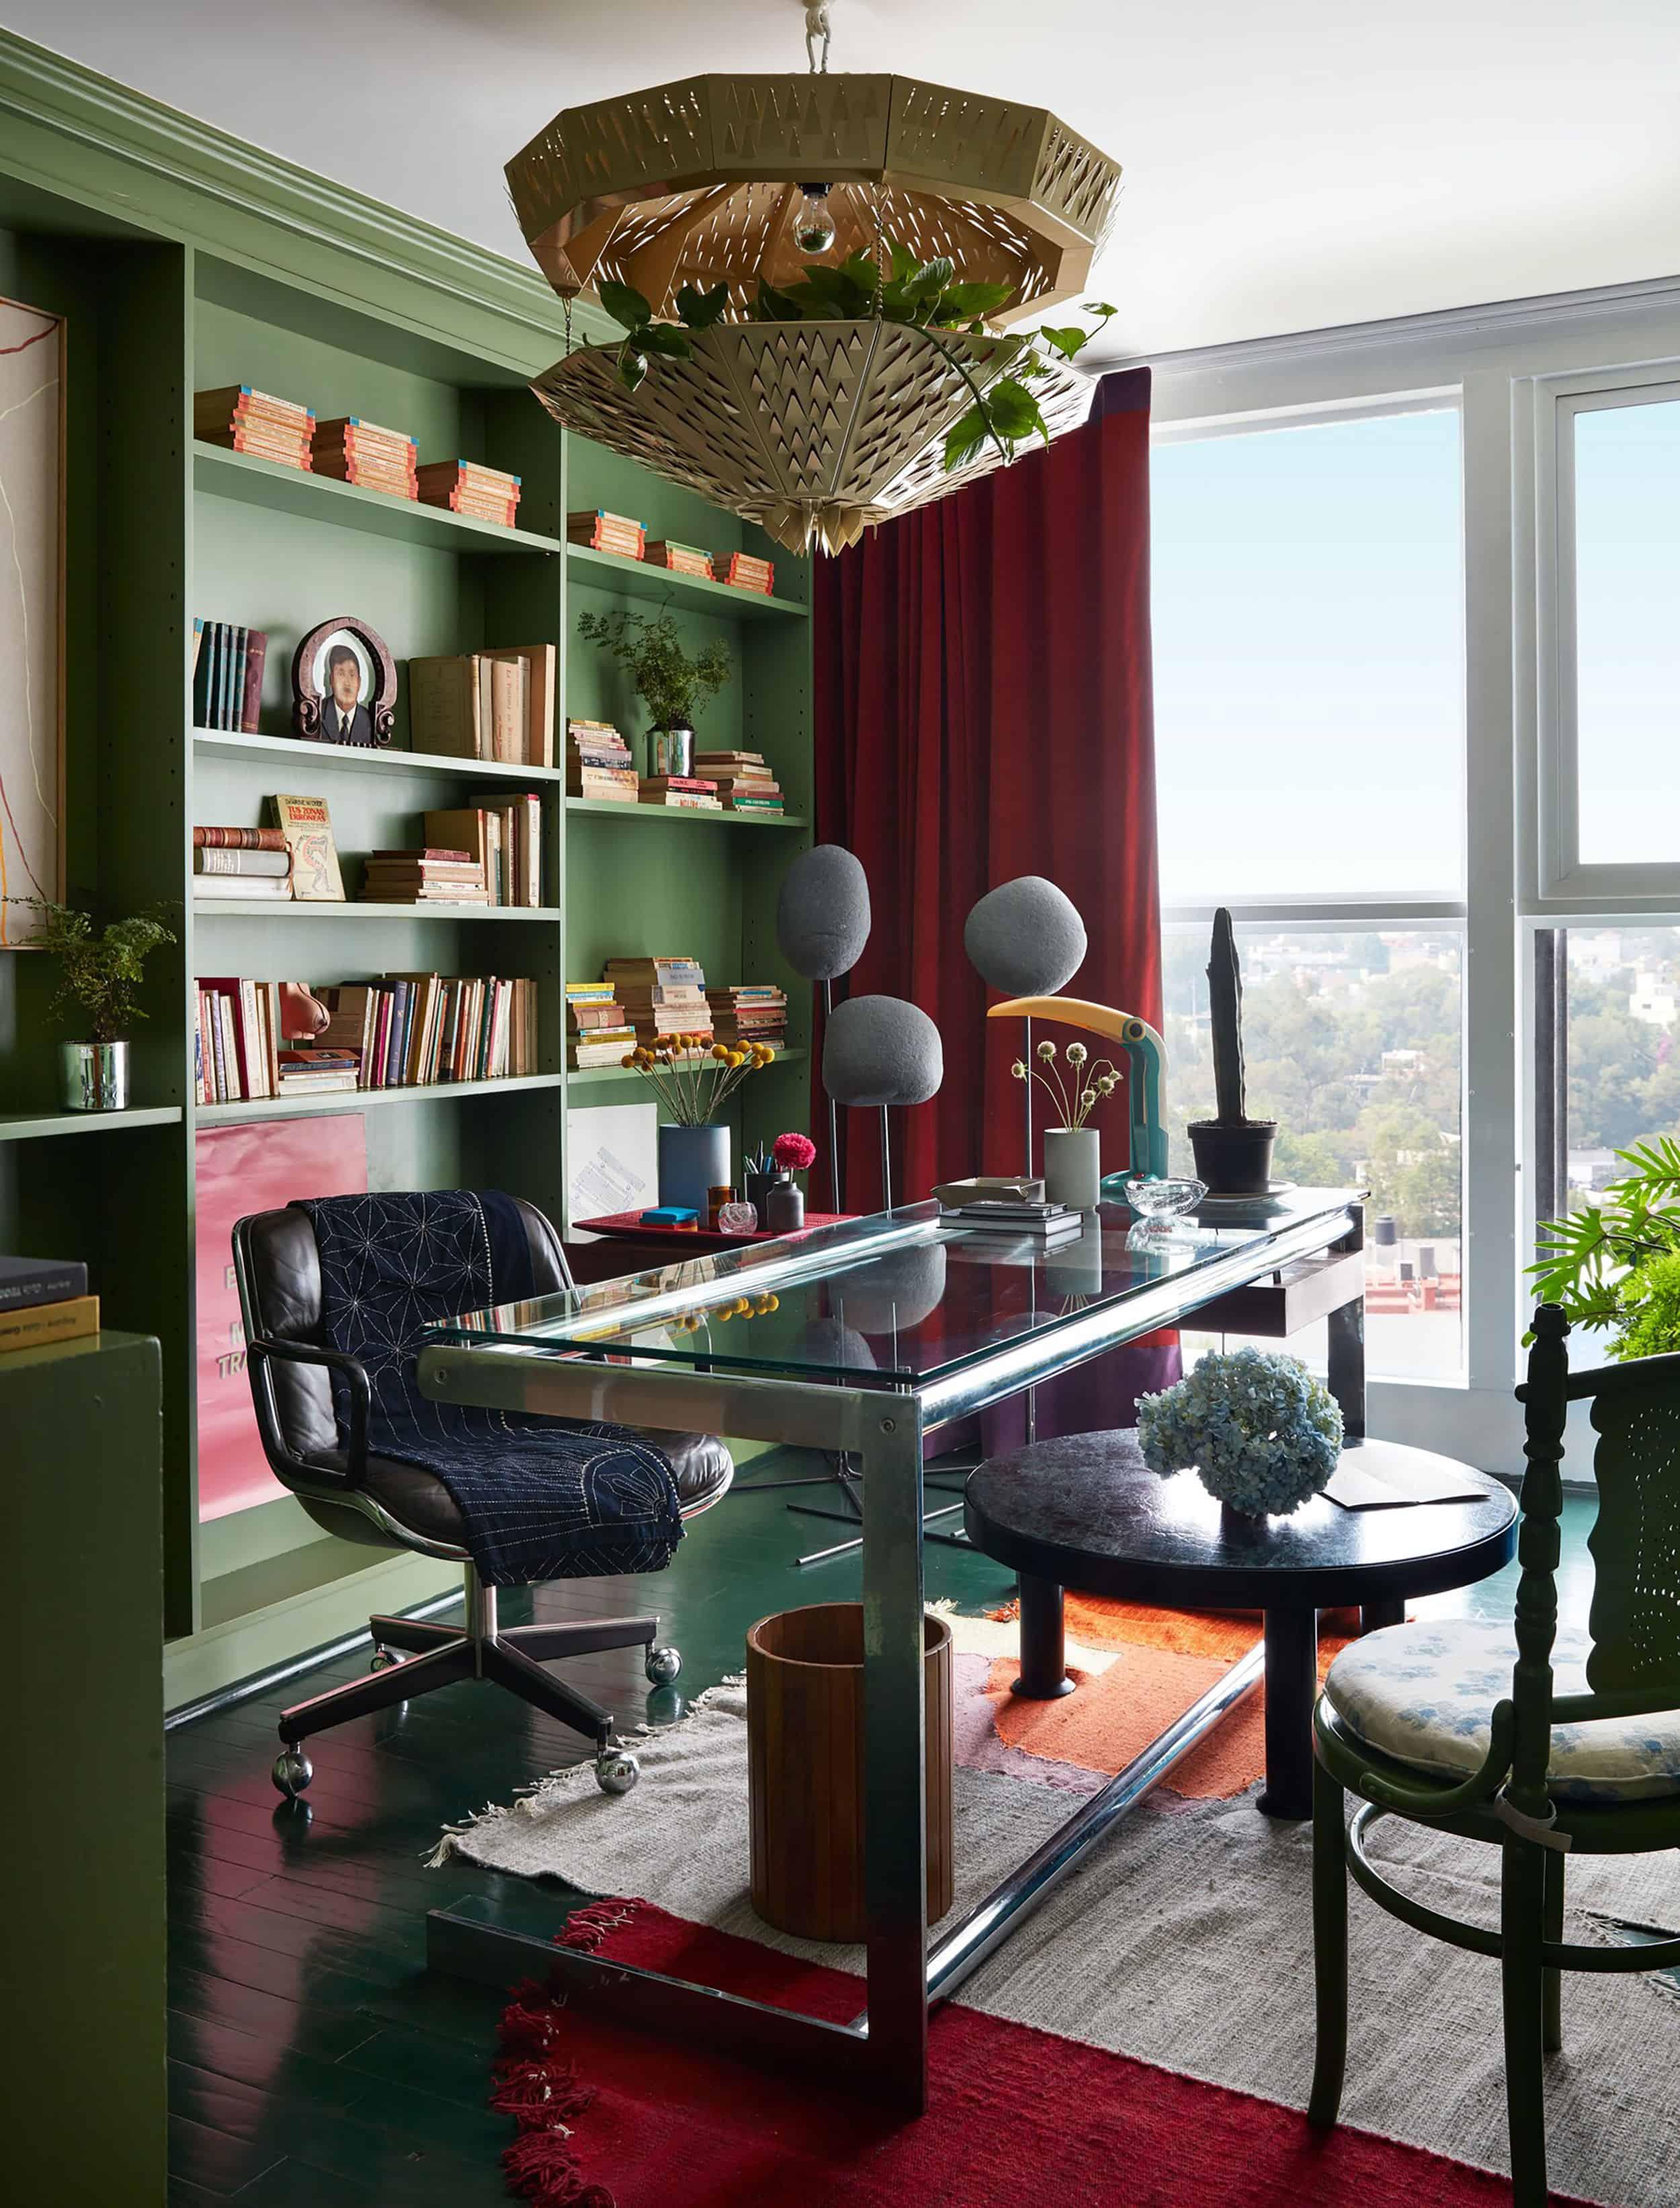 Image Via Architectural Digest Design By Rodman Primack